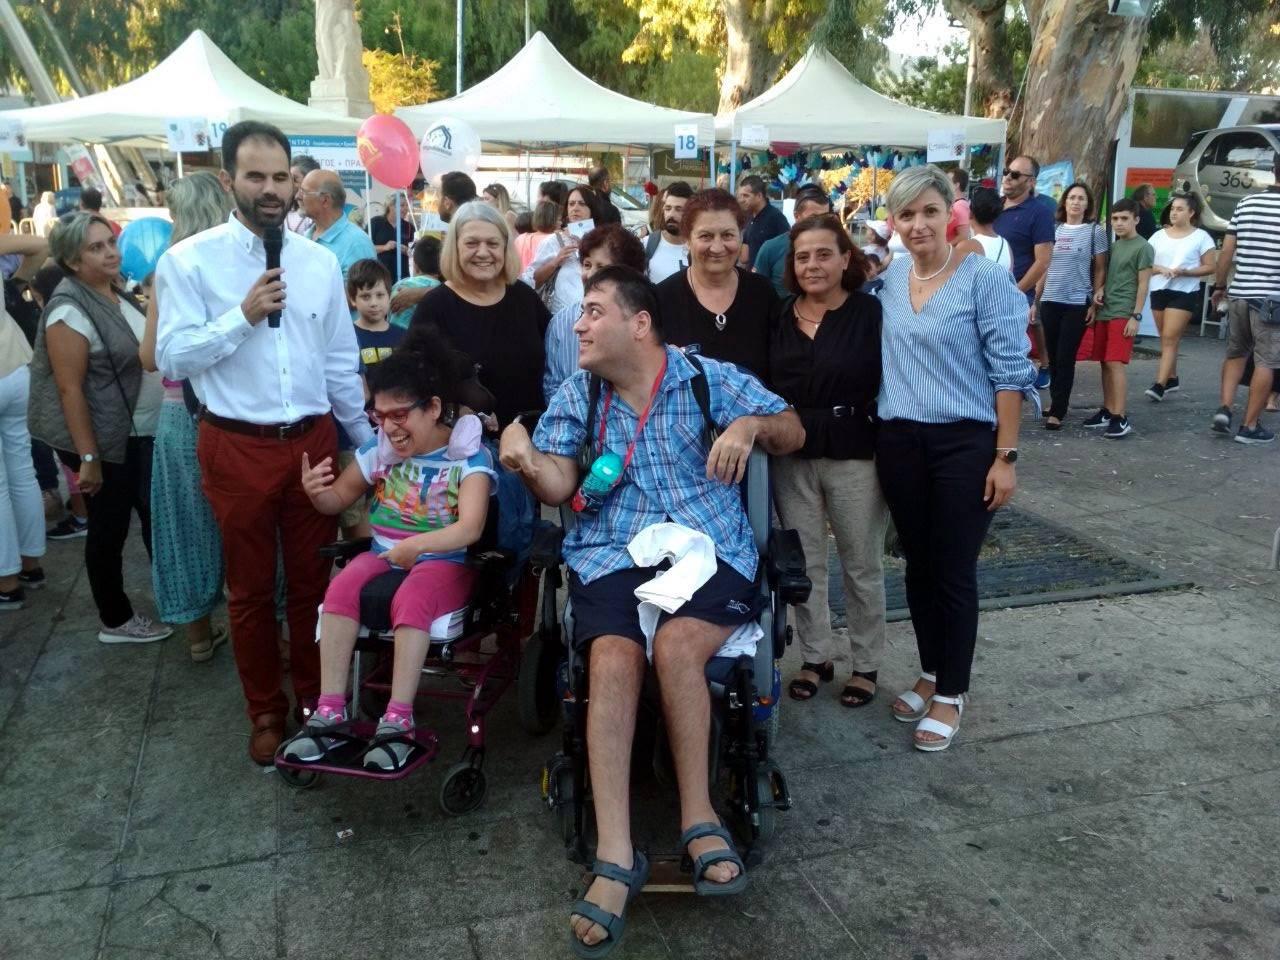 Ο Βαγγέλης Αυγουλάς και η Ελένη Δαργαντή με Σύλλογο ΑμέΑ Δικαίωμα στη Ζωή